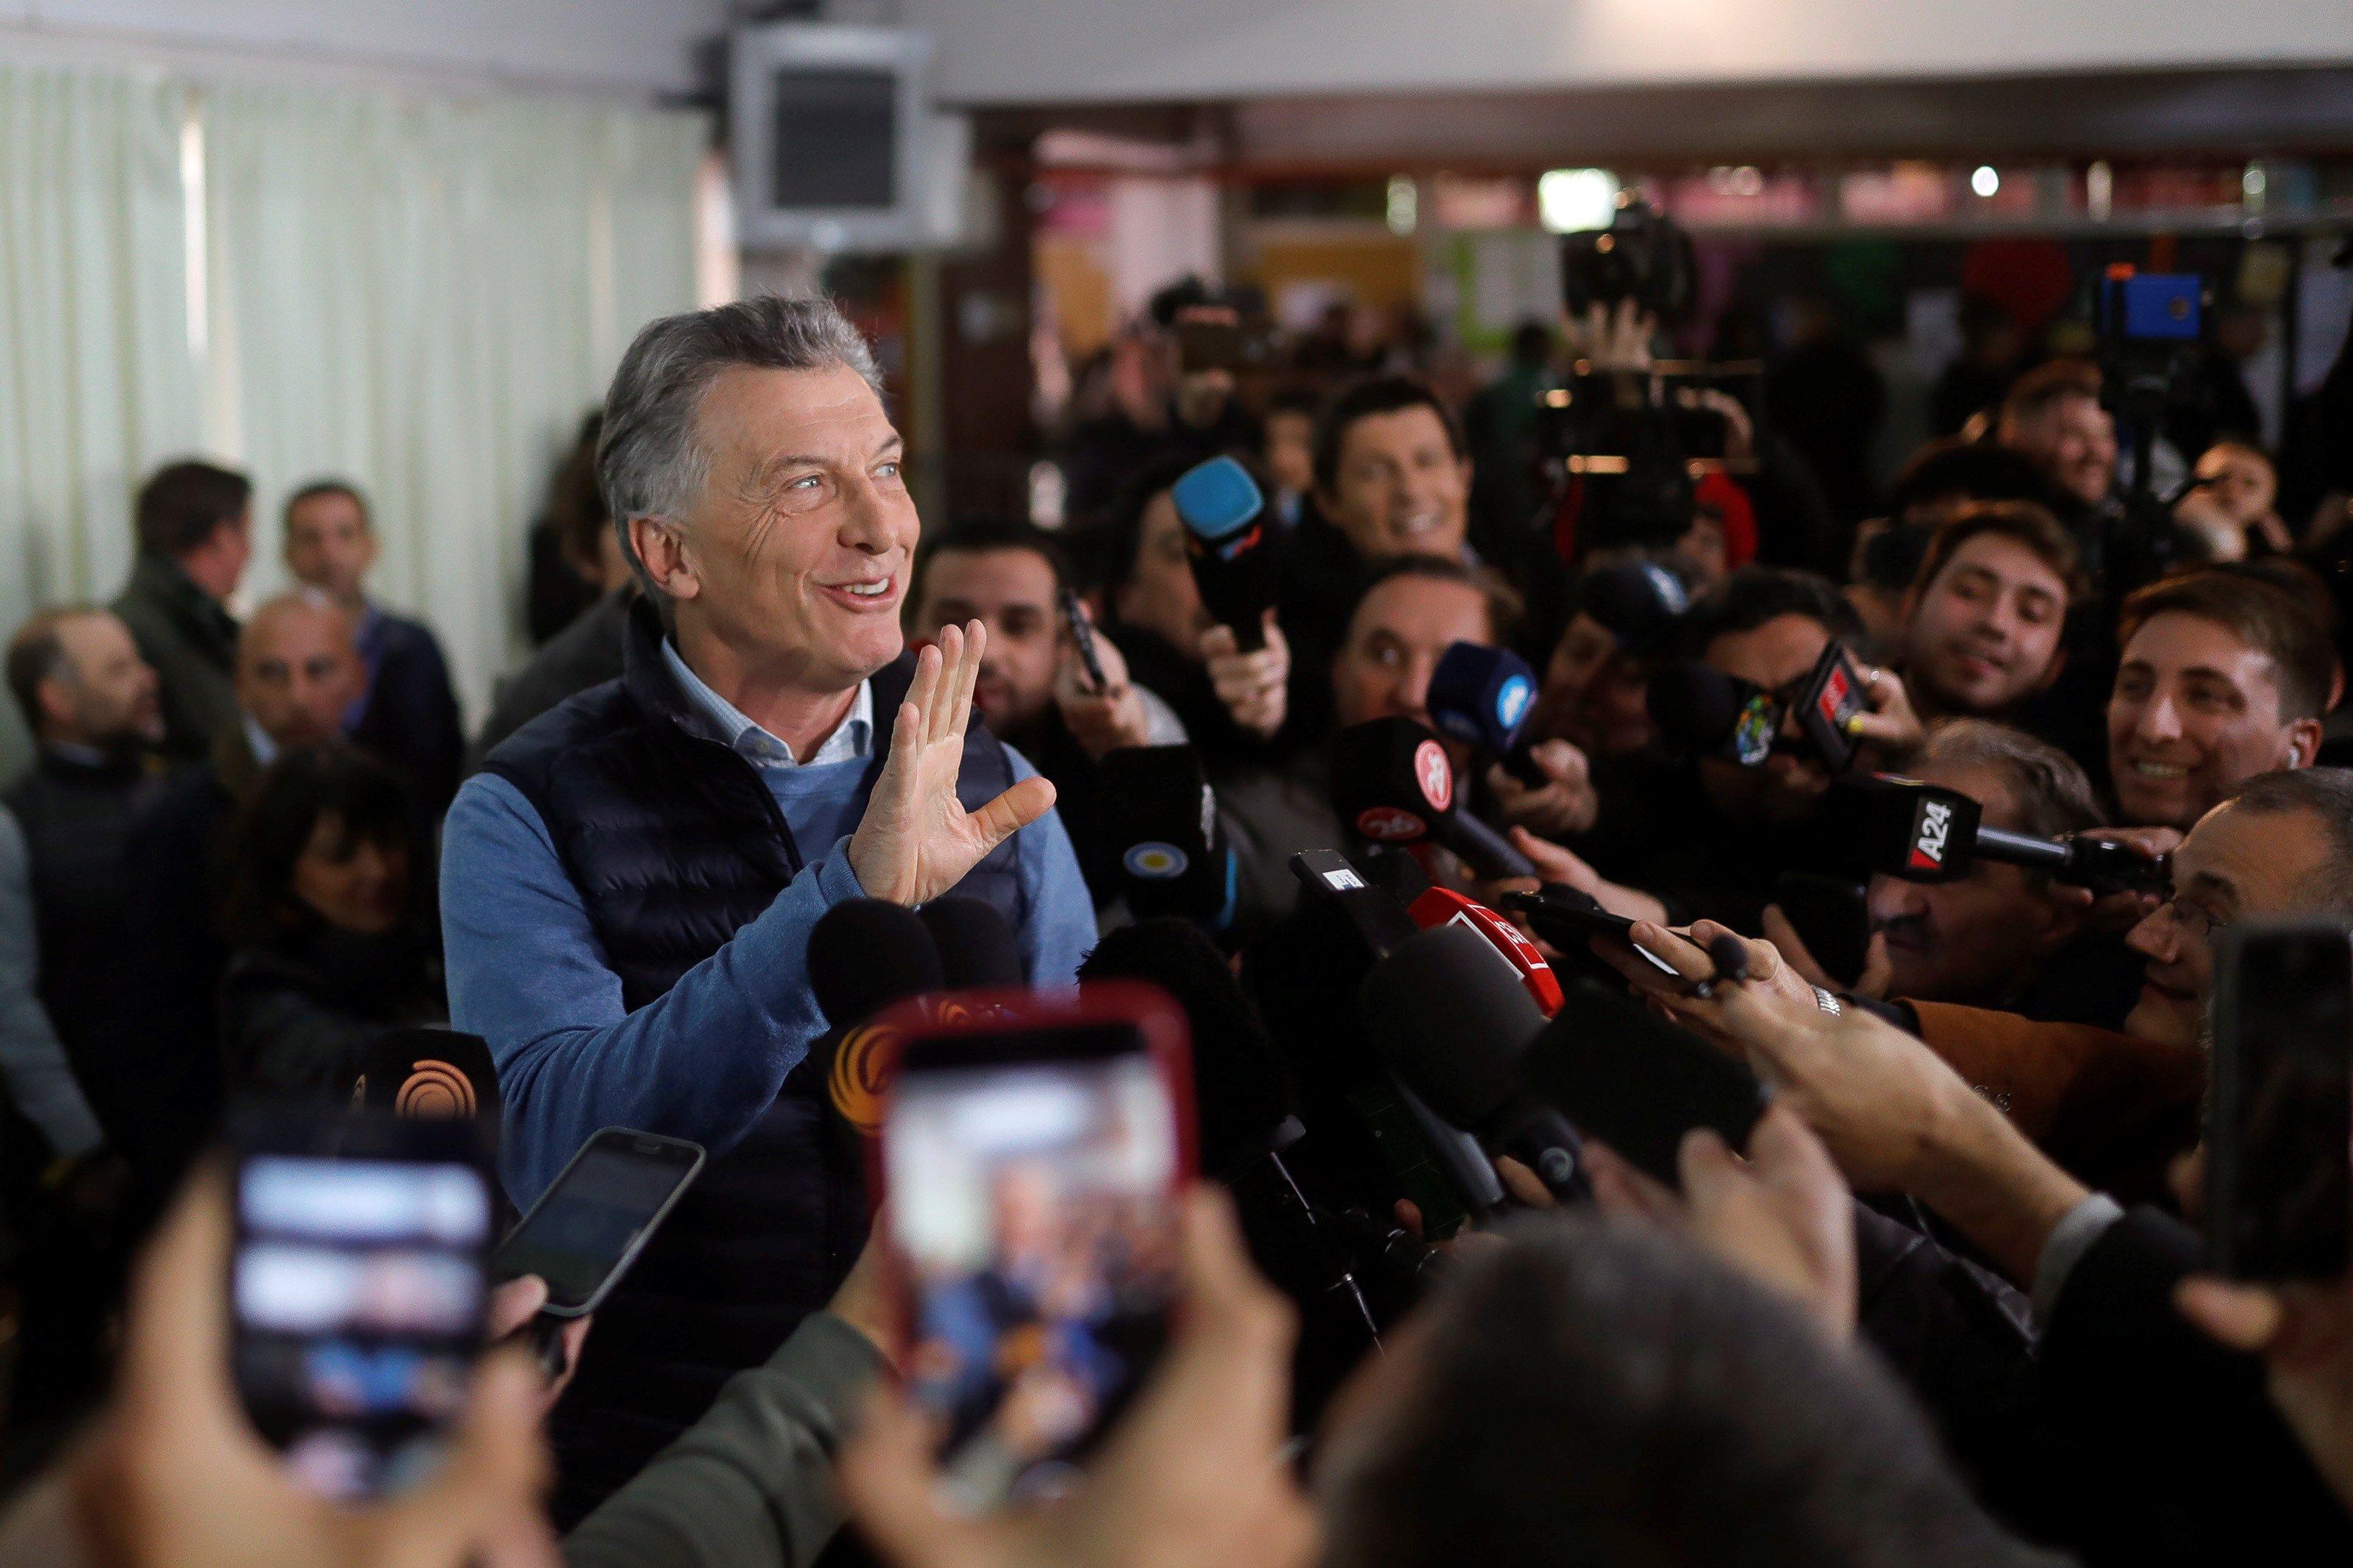 CAMBIO. El presidente Mauricio Macri se enfrenta con un gran desafío: lograr un triunfo en las próximas elecciones.   Efe/Juan Ignacio Roncoroni.